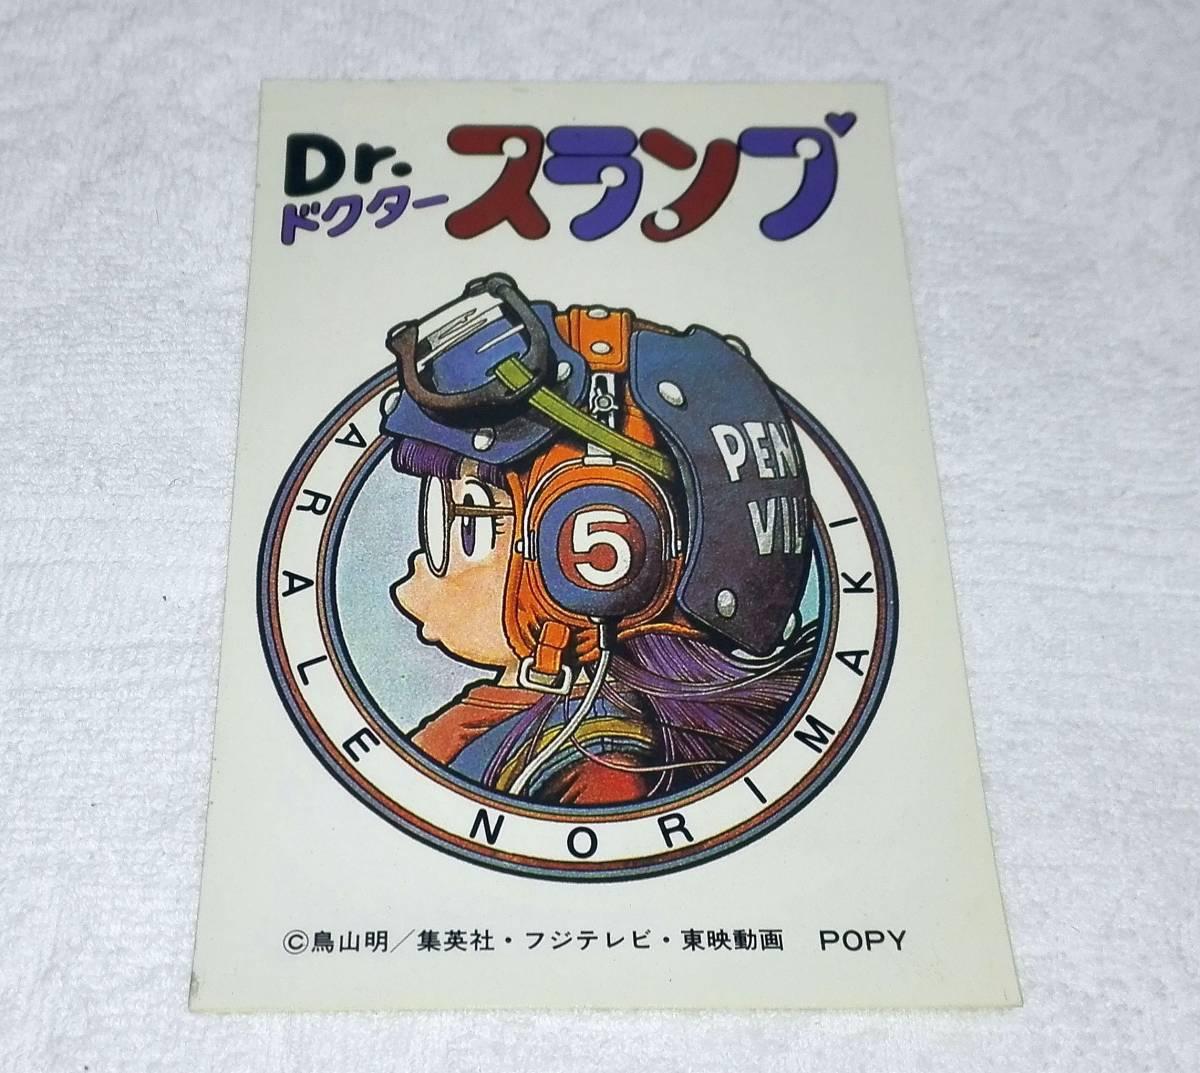 当時物 バンダイ ポピー Dr.SLUMP ドクタースランプ アラレちゃん 則巻 景品 オリジナルシール 非売品 うほほーい んちゃ ばいちゃ